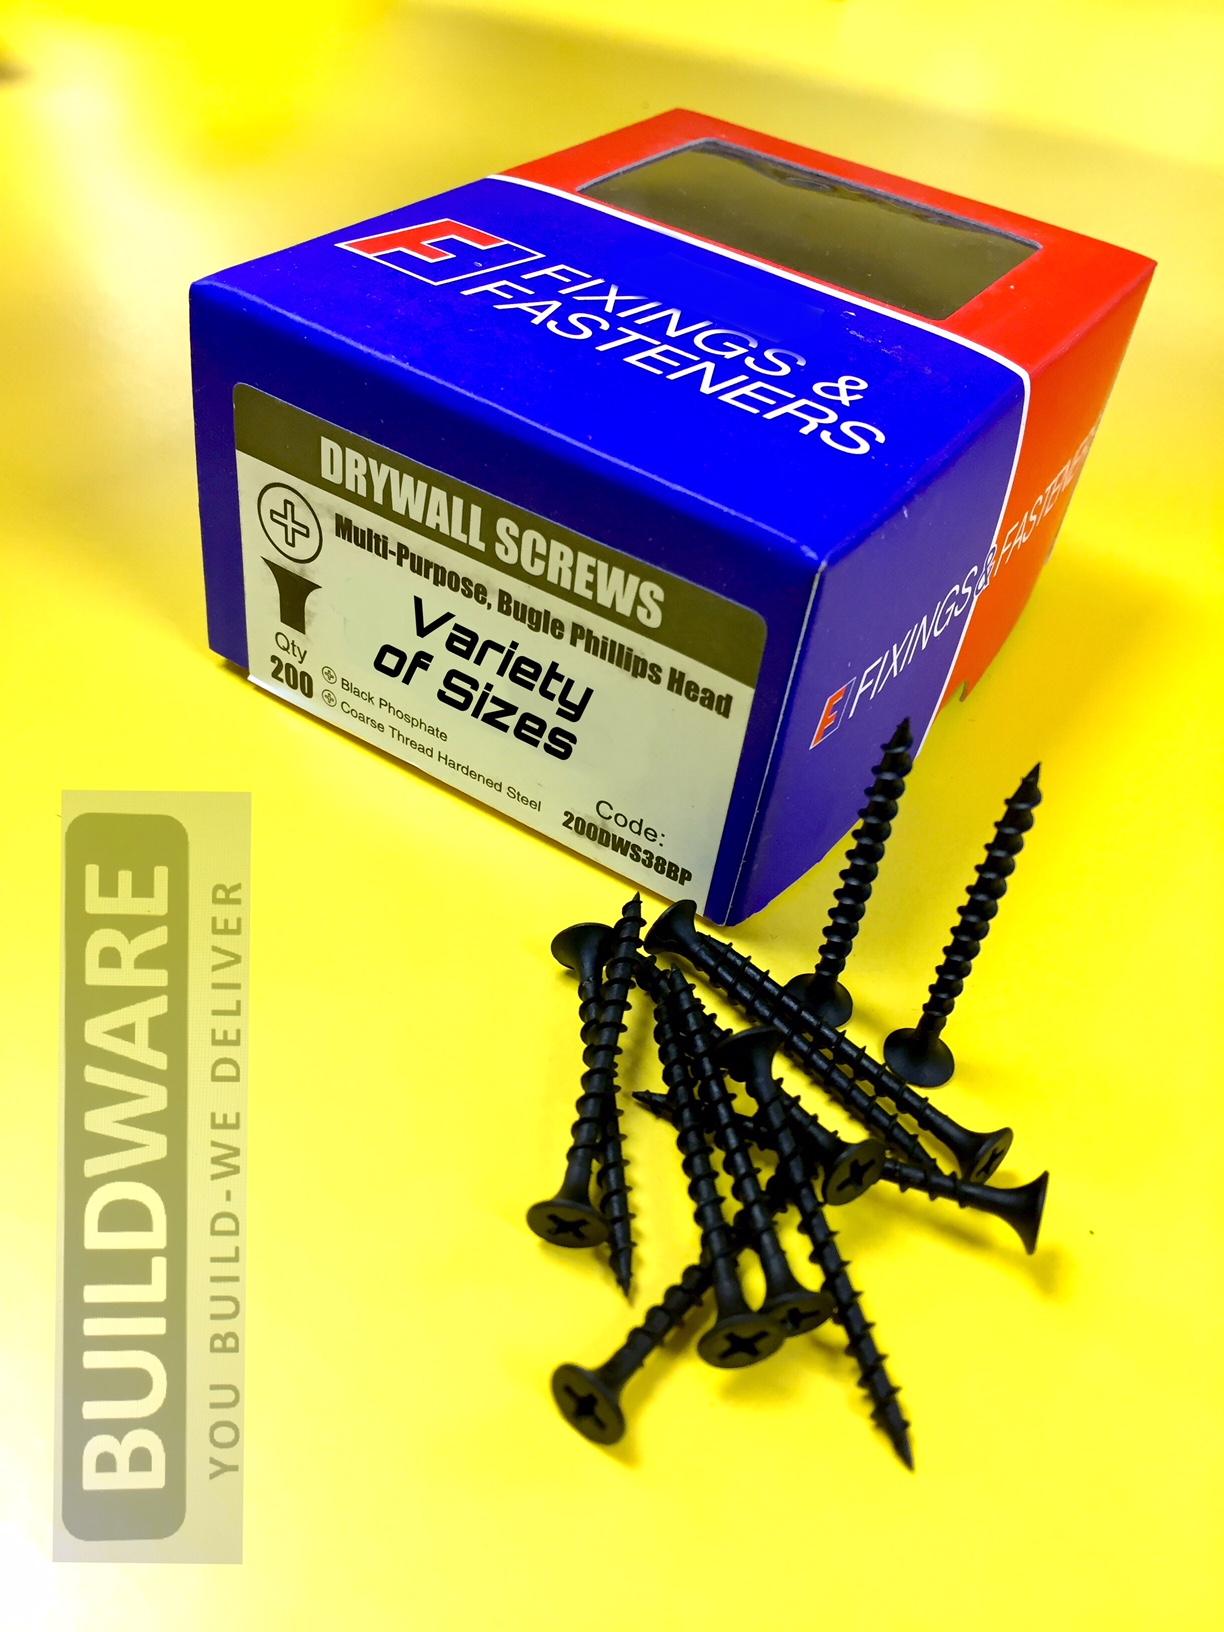 """3.5x 25mm Multipurpose Dry wall Screws Black Phosphate 6 X 1"""" PACK of 25-200"""